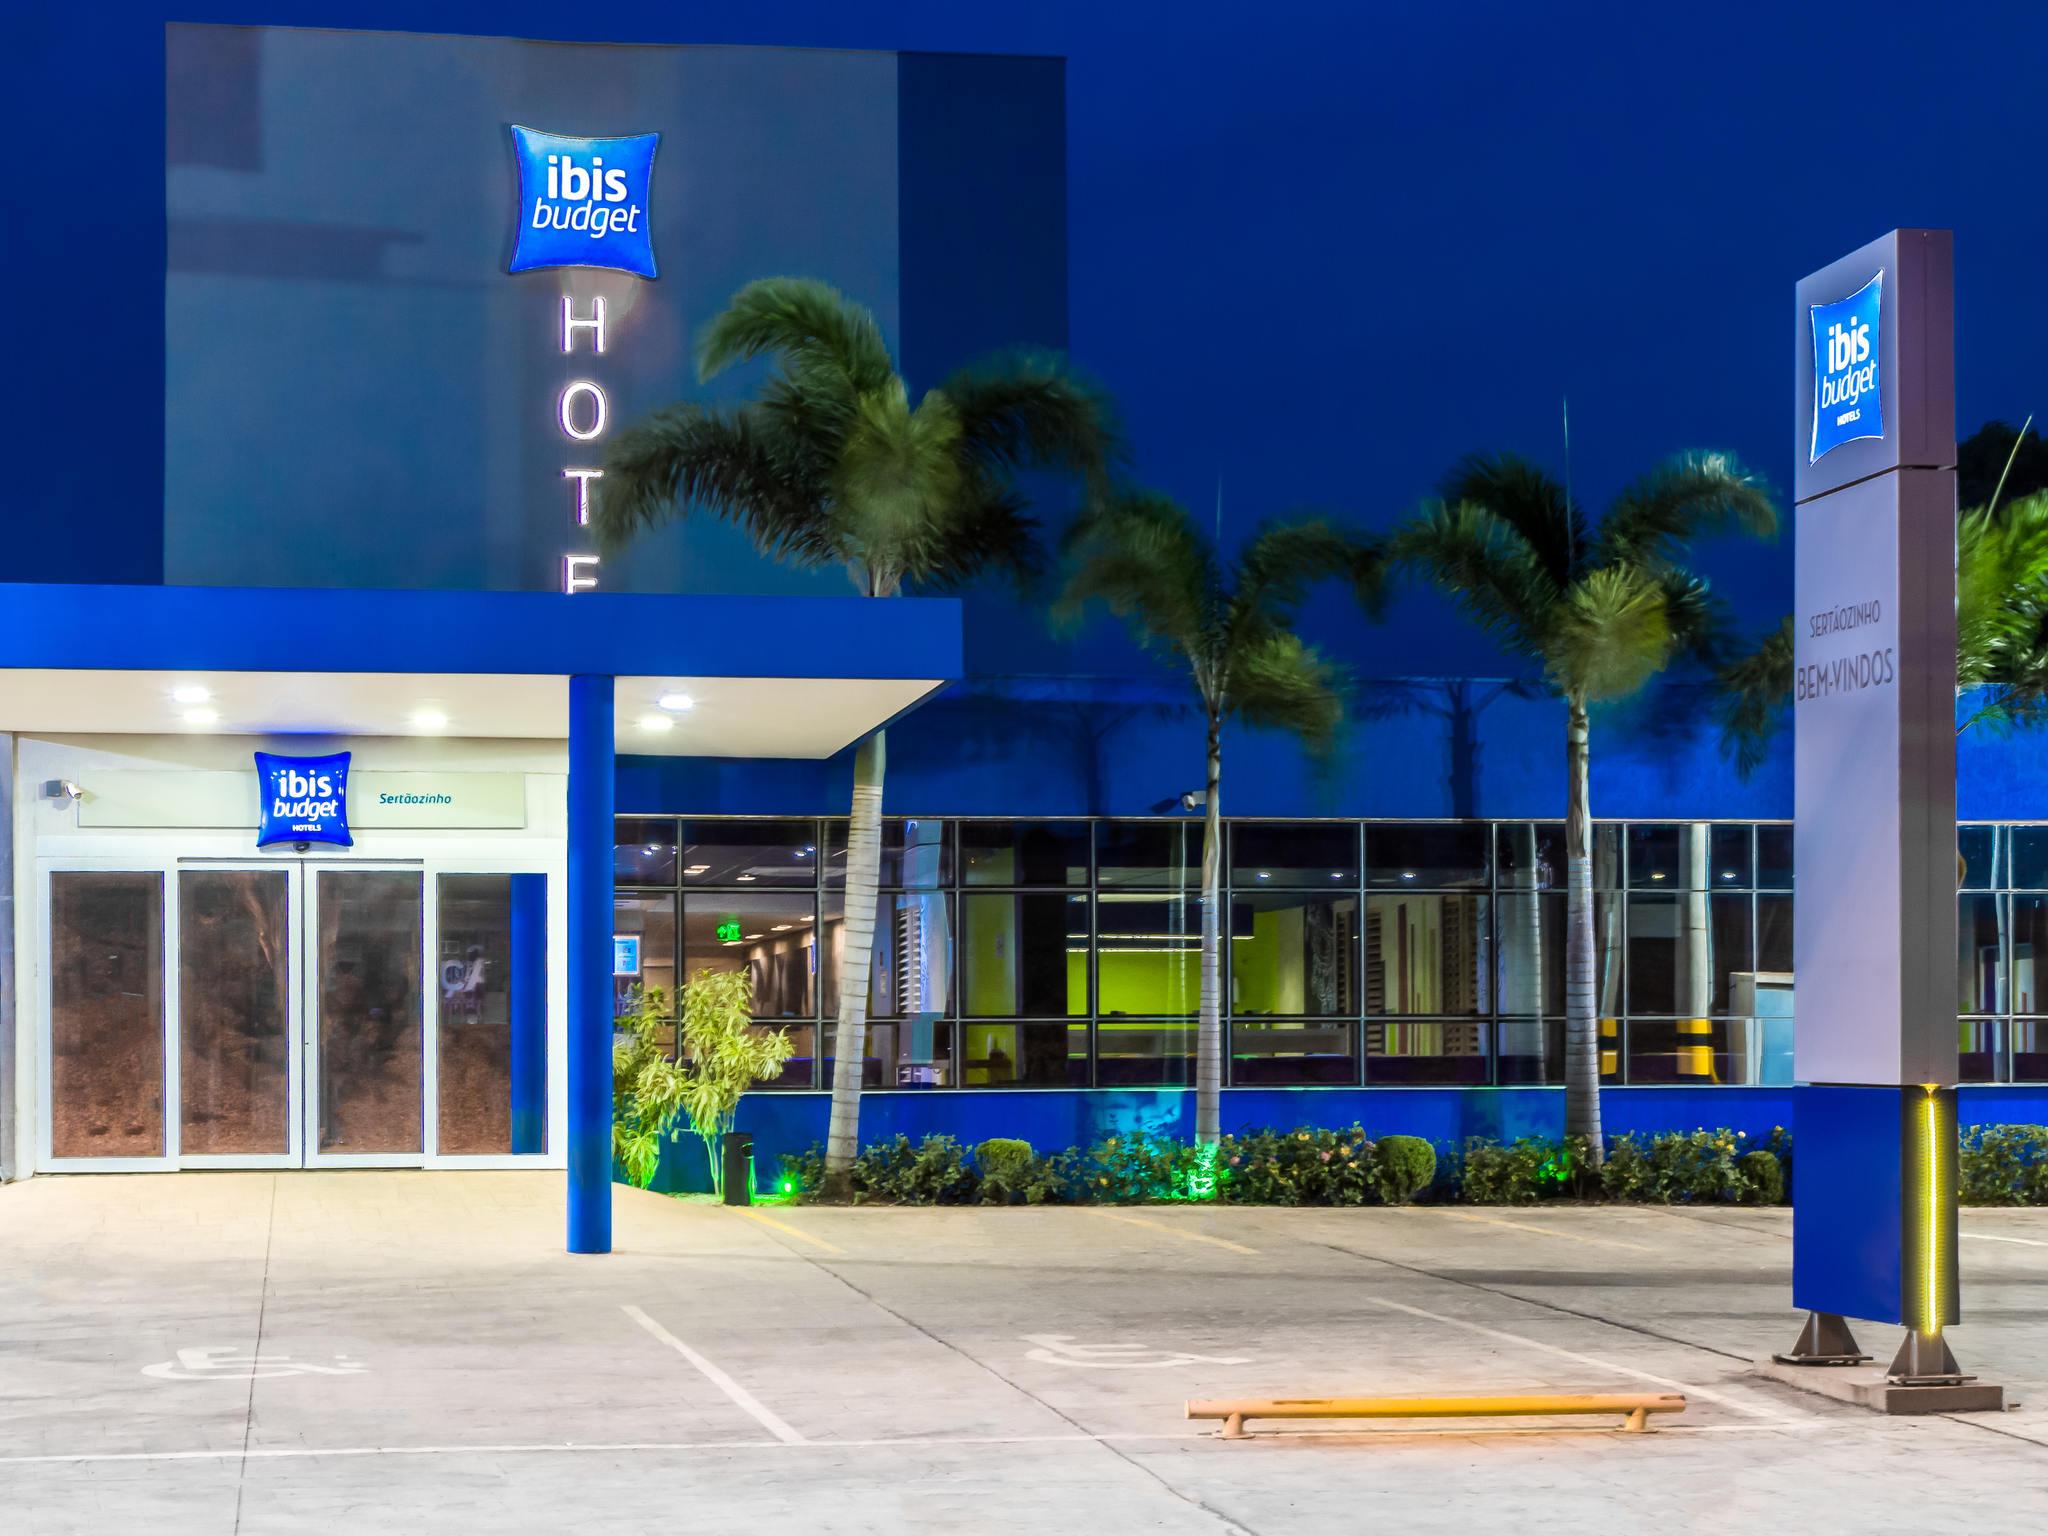 酒店 – ibis budget Sertaozinho